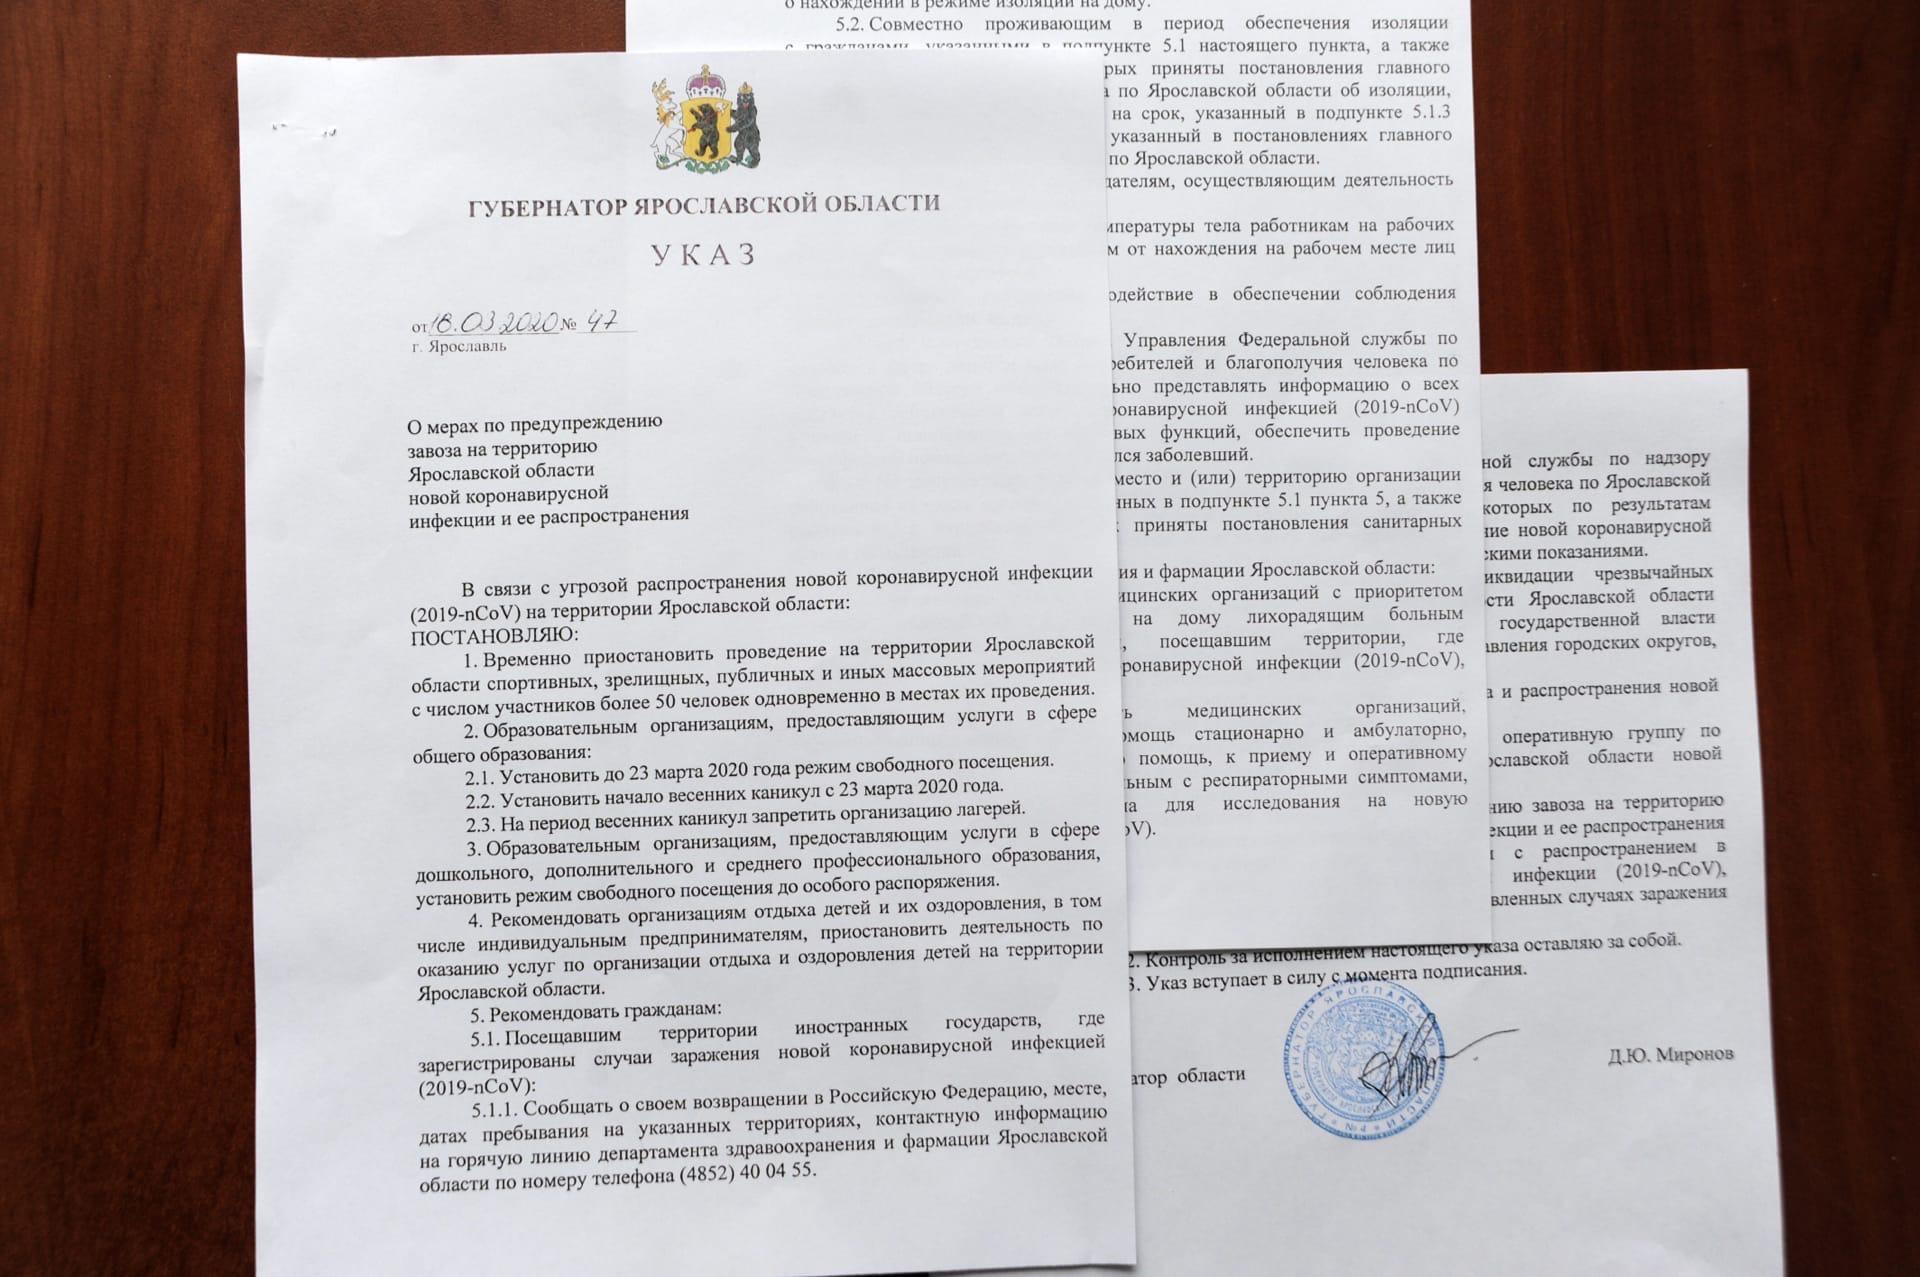 Дмитрий Миронов подписал указ о мерах по предупреждению распространения коронавирусной инфекции